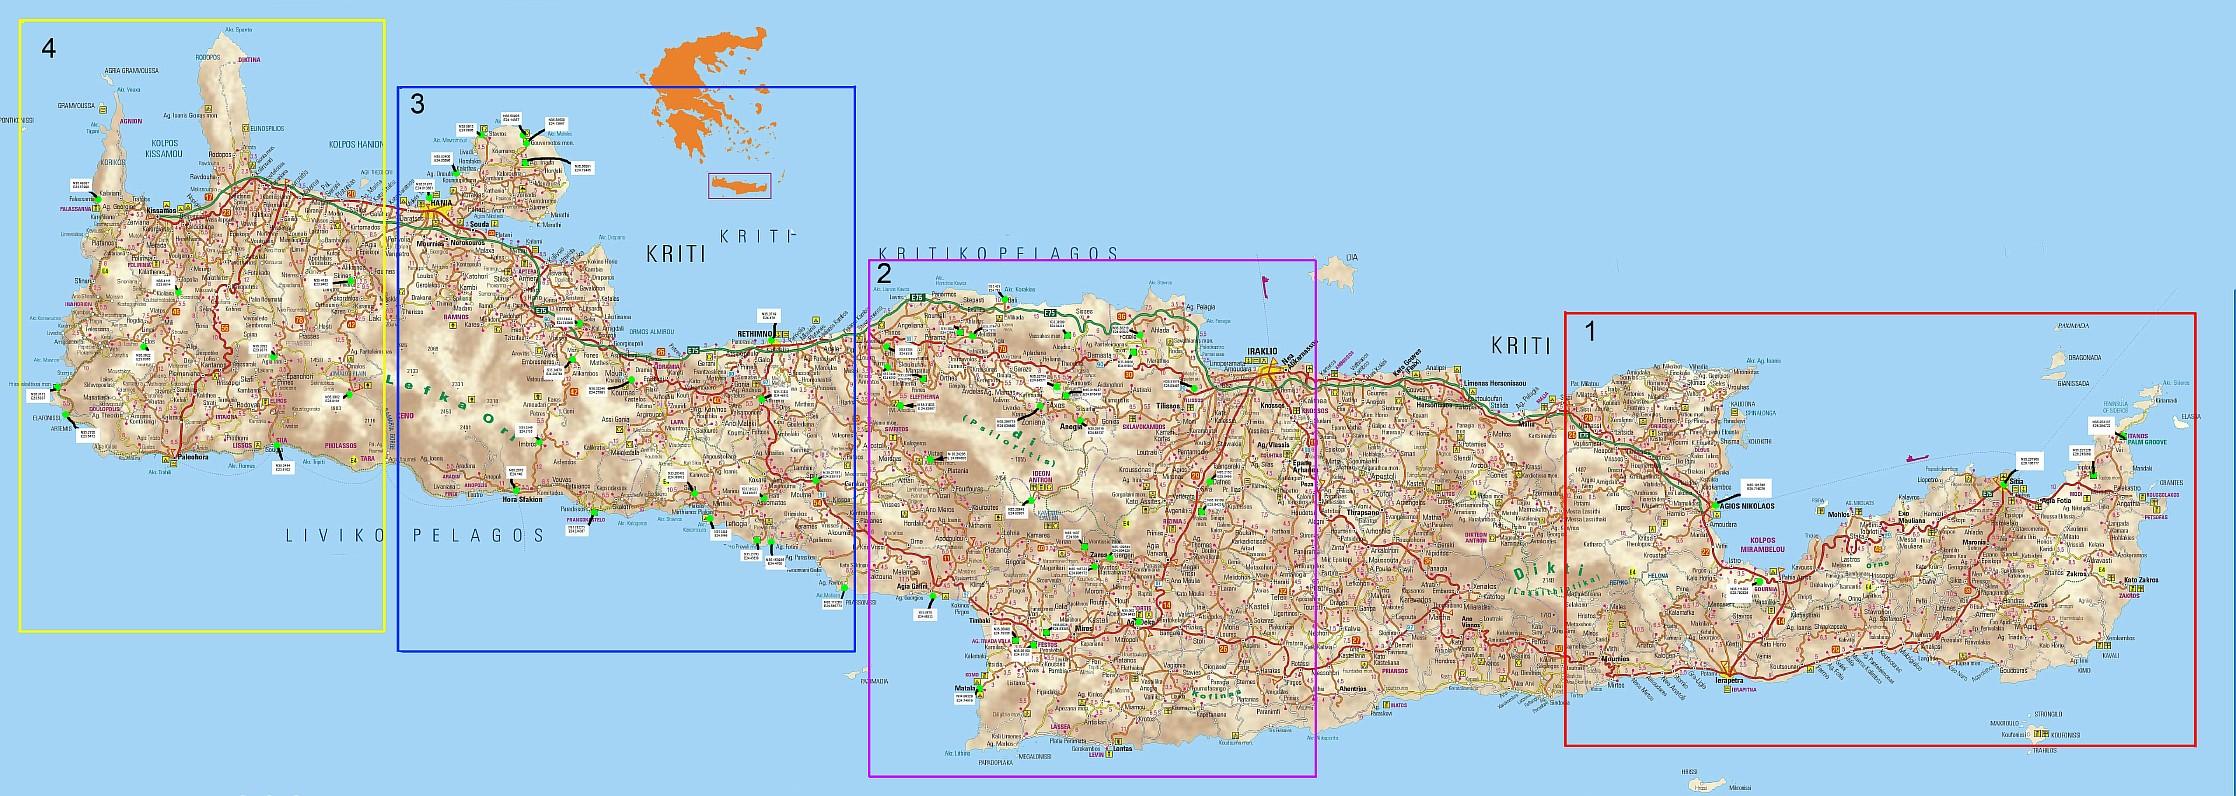 Карта пляжей крита с фото